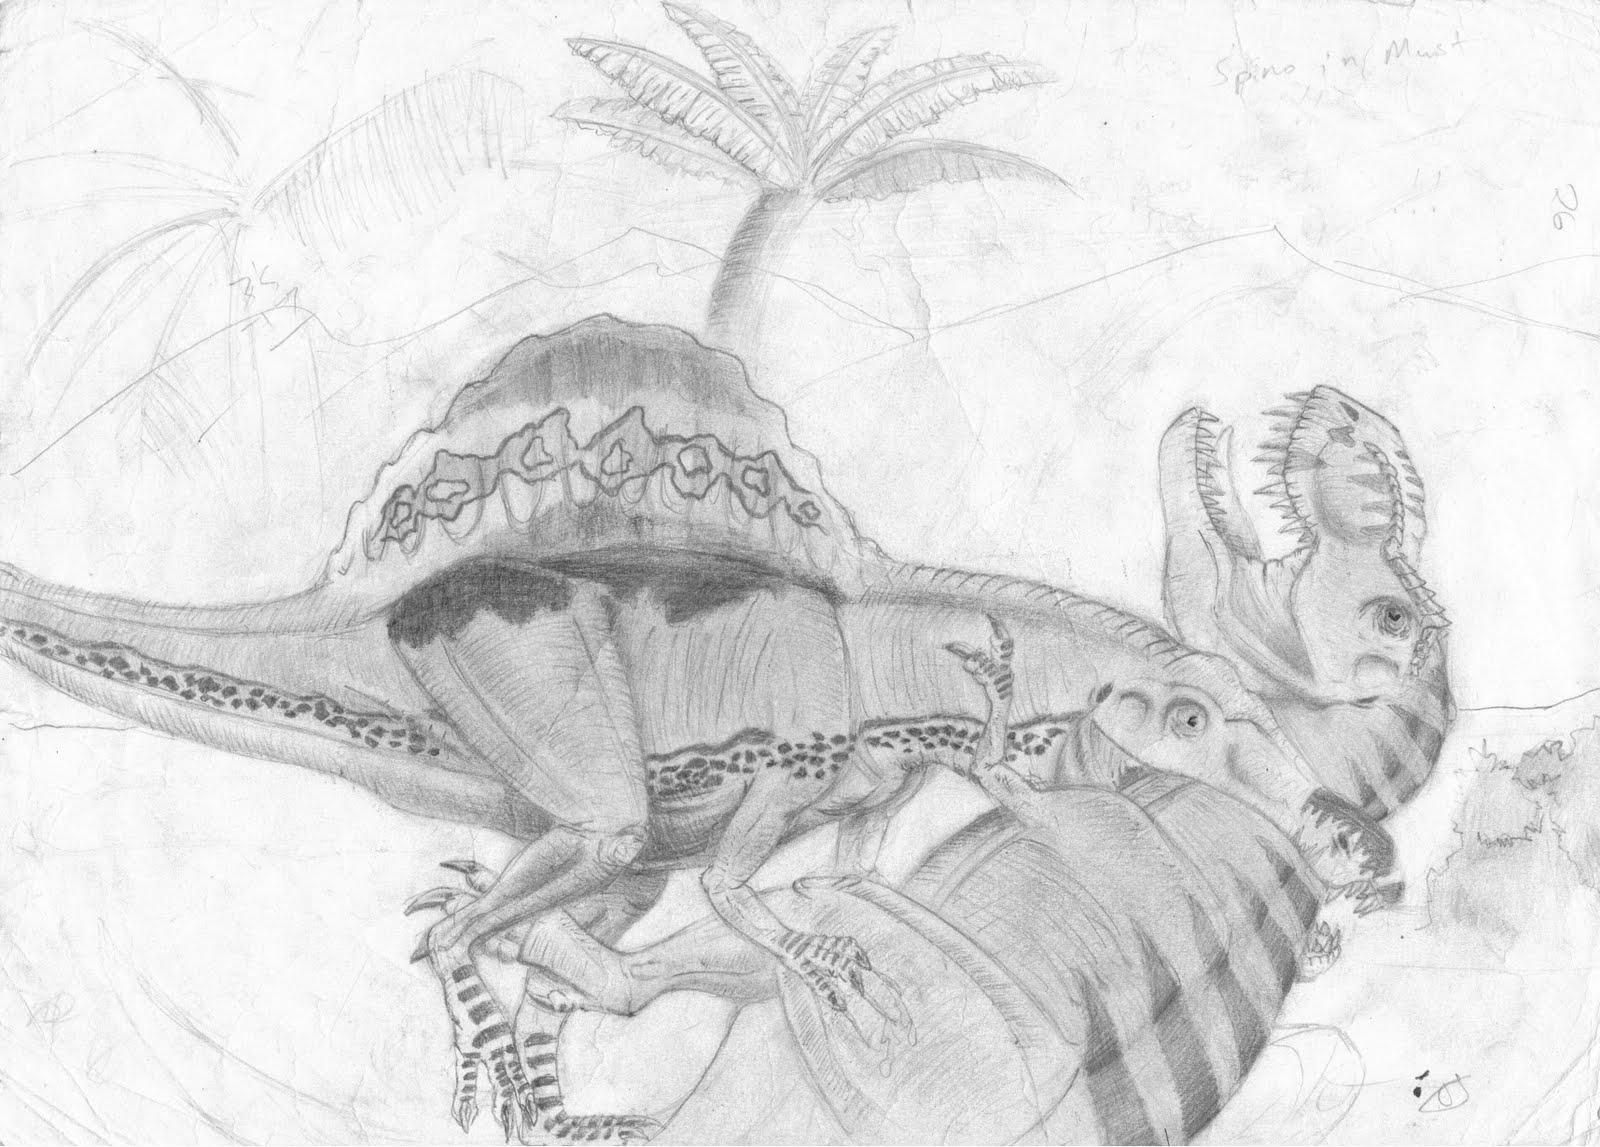 Tyrannosaurus Rex VS Spinosaurus AegyptiacusYangchuanosaurus Coloring Page